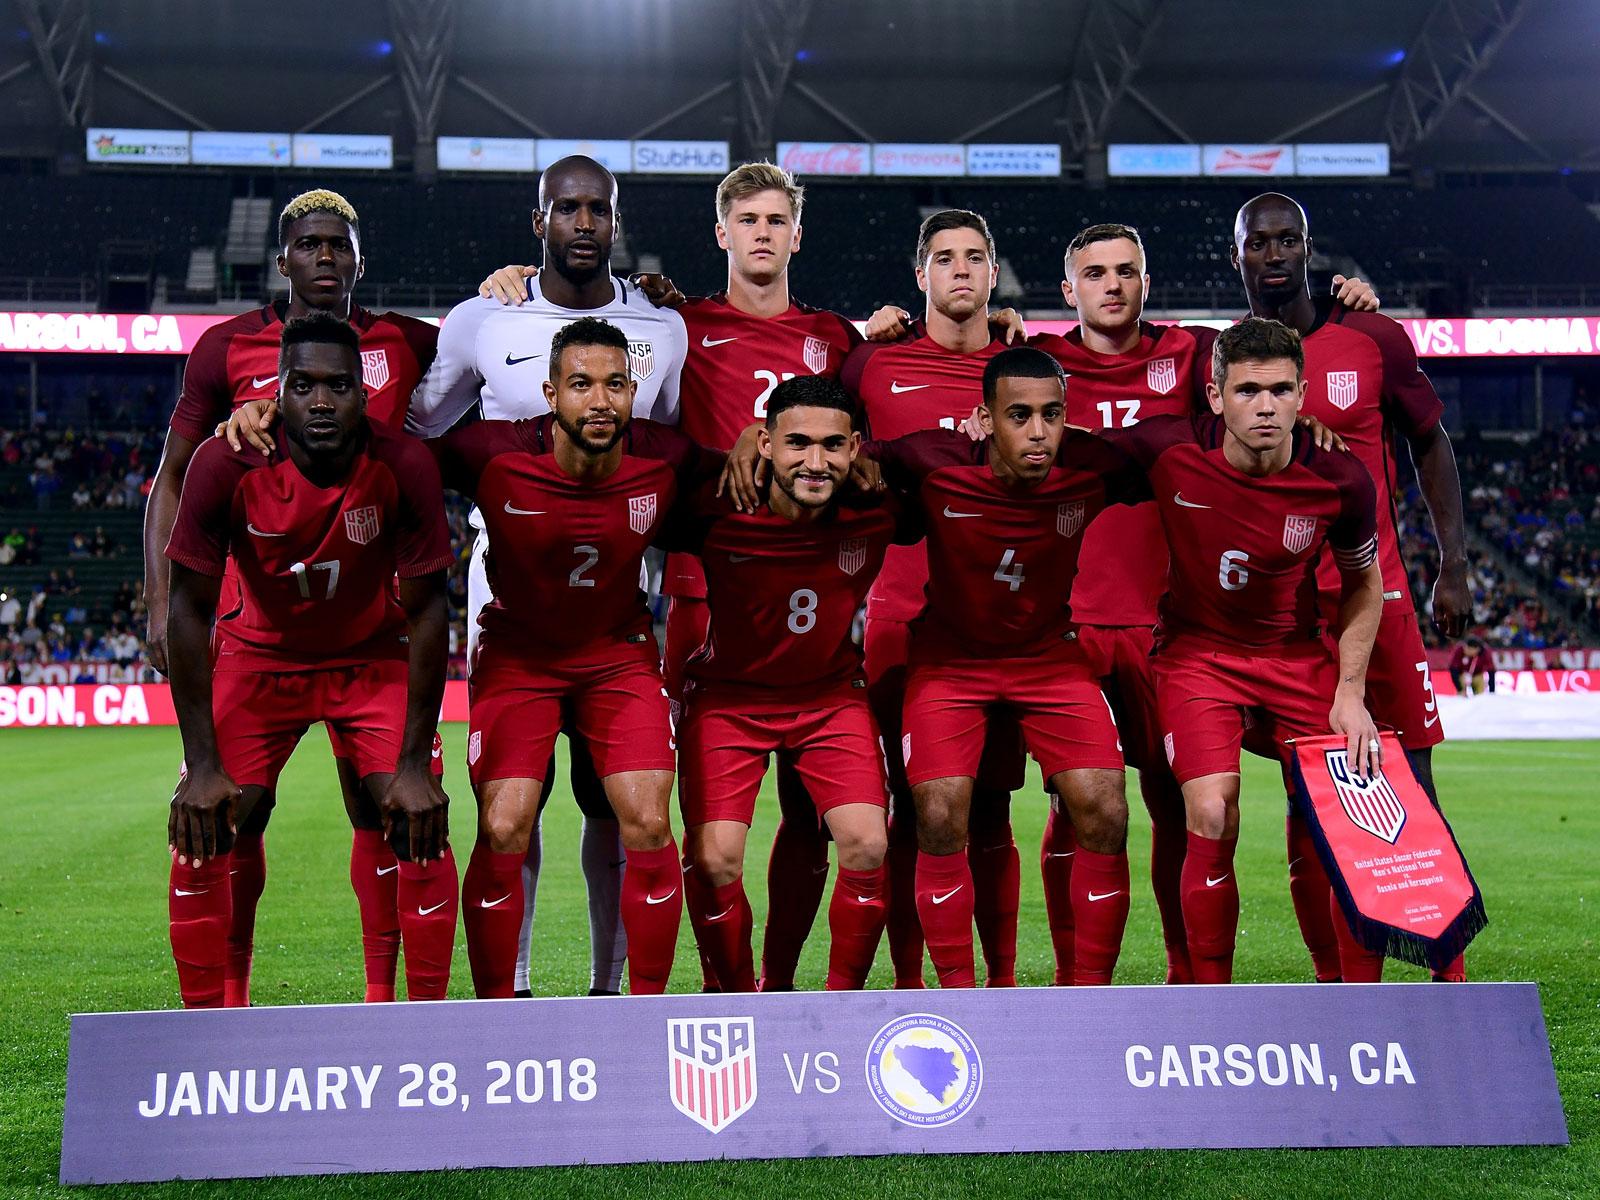 The USA played Bosnia to a scoreless draw